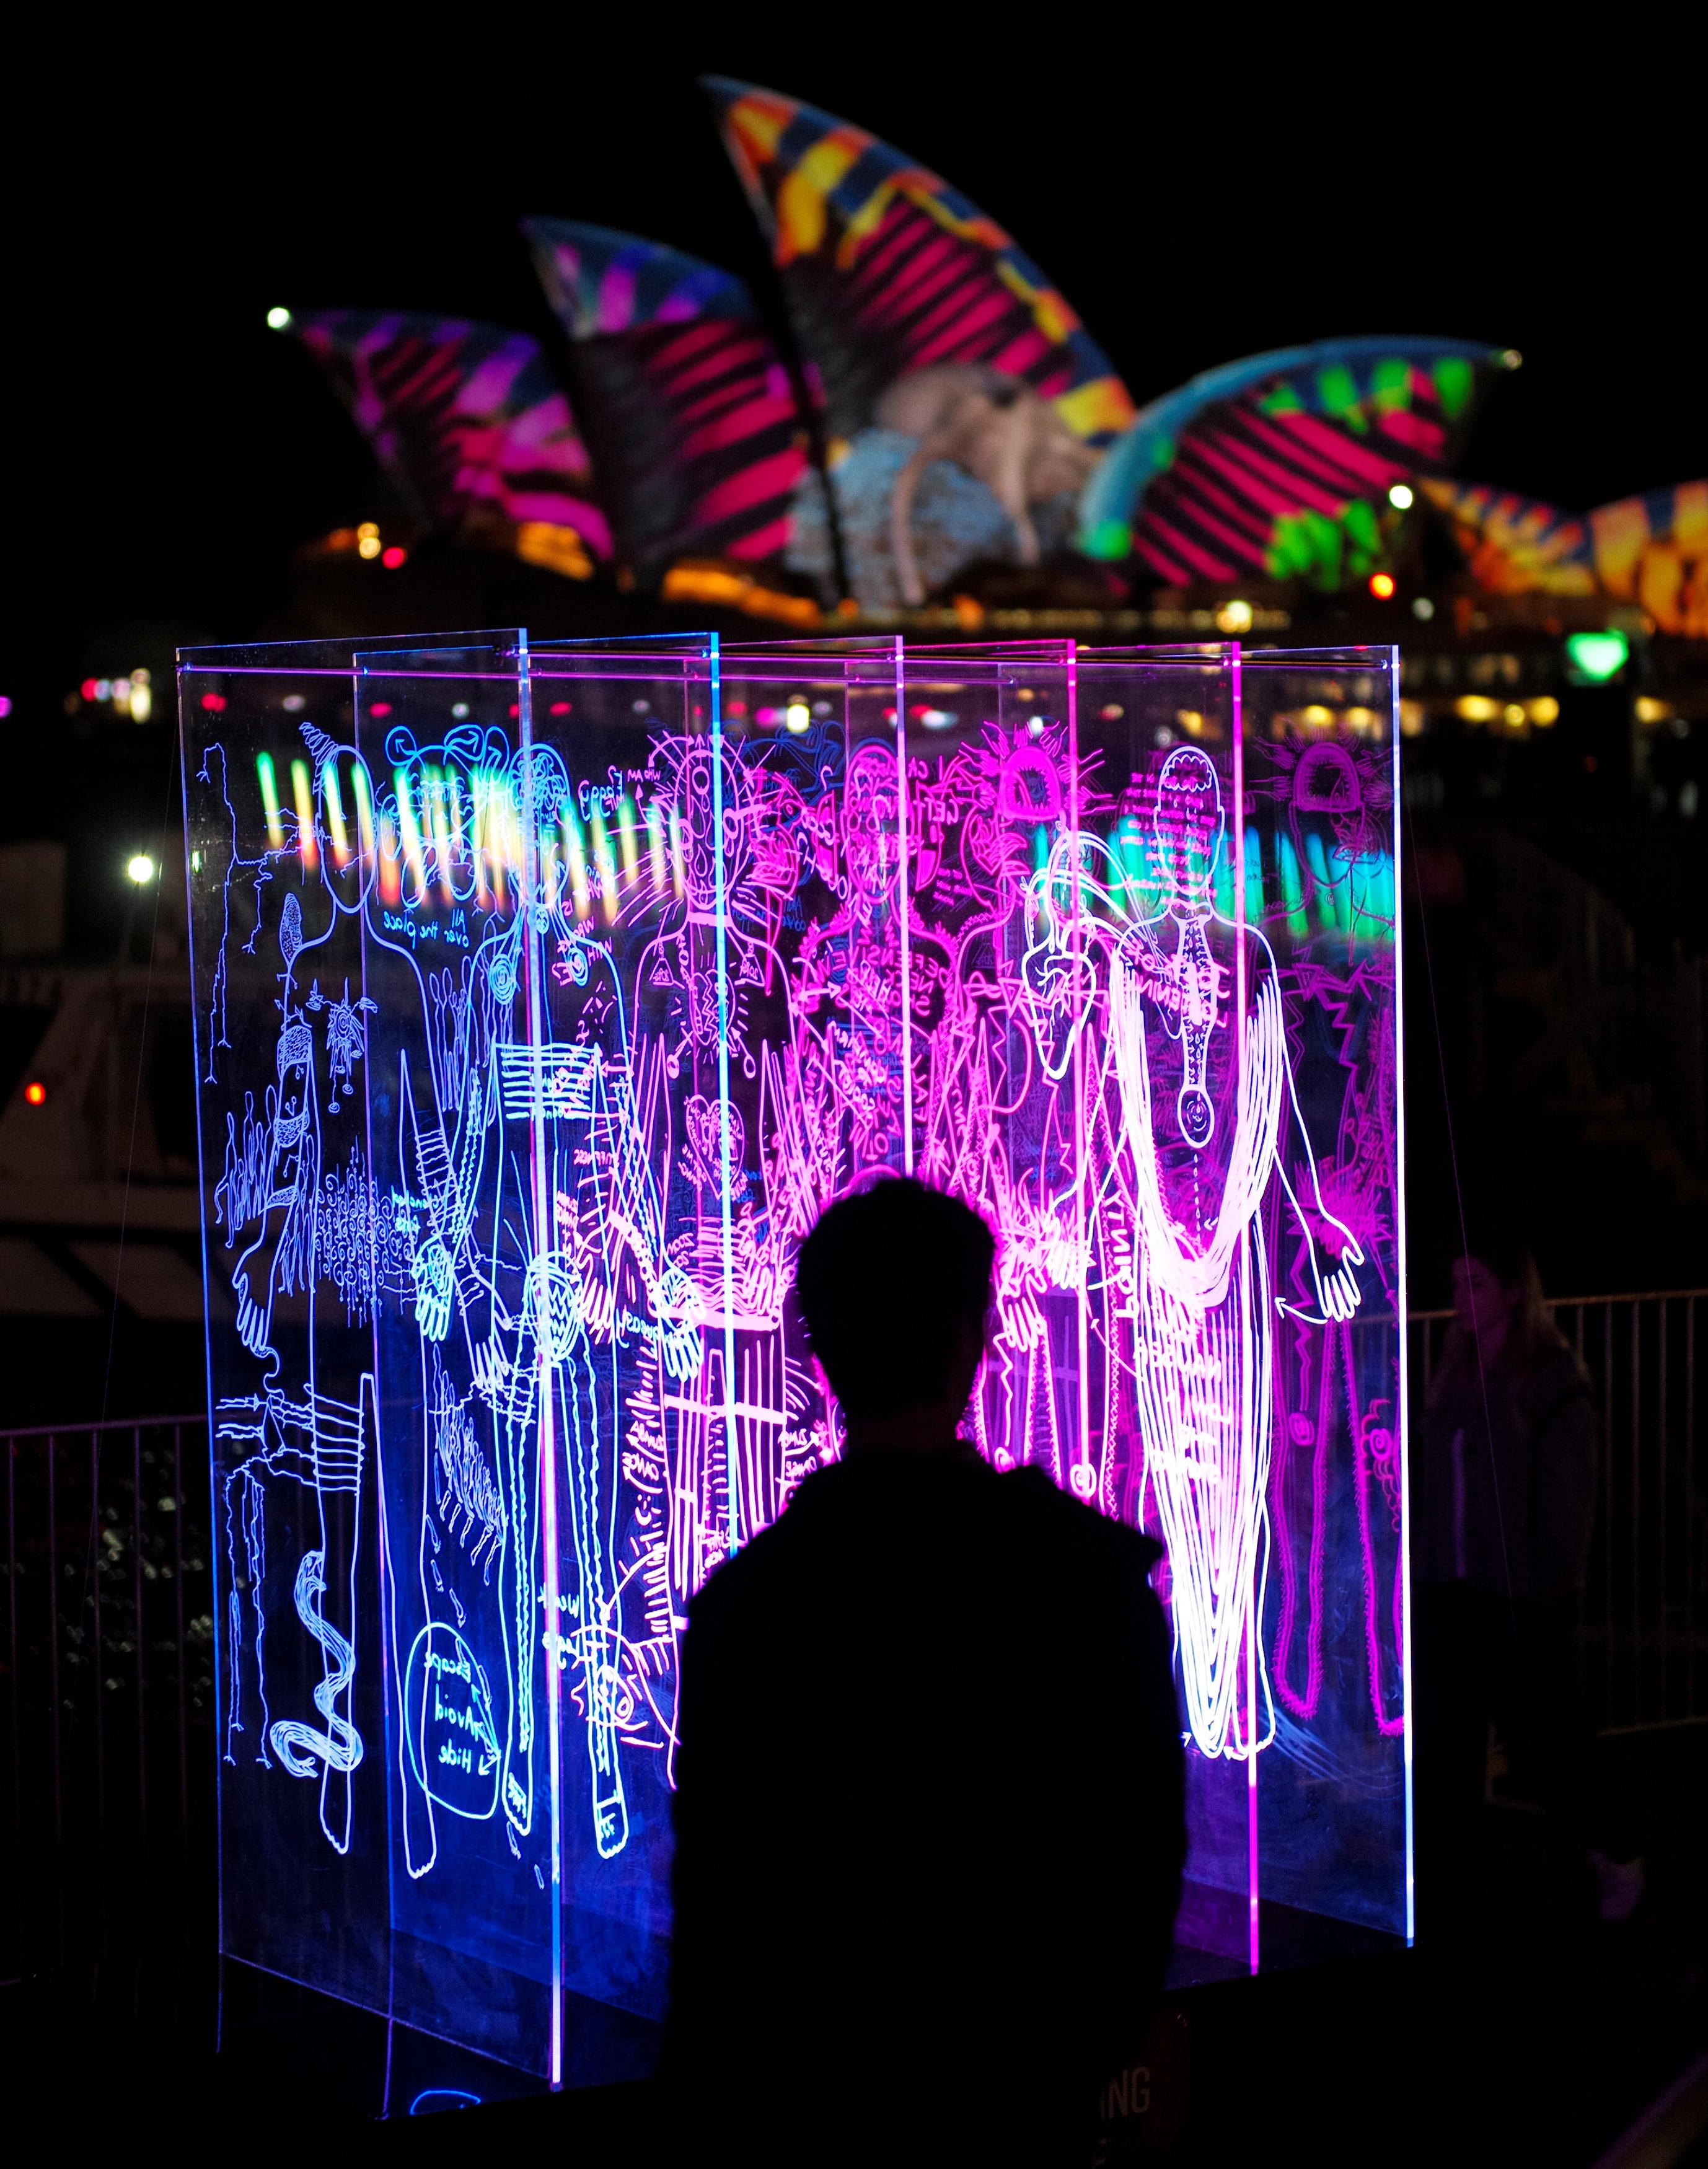 إضاءات زاهية فى مهرجان سيدنى للضوء